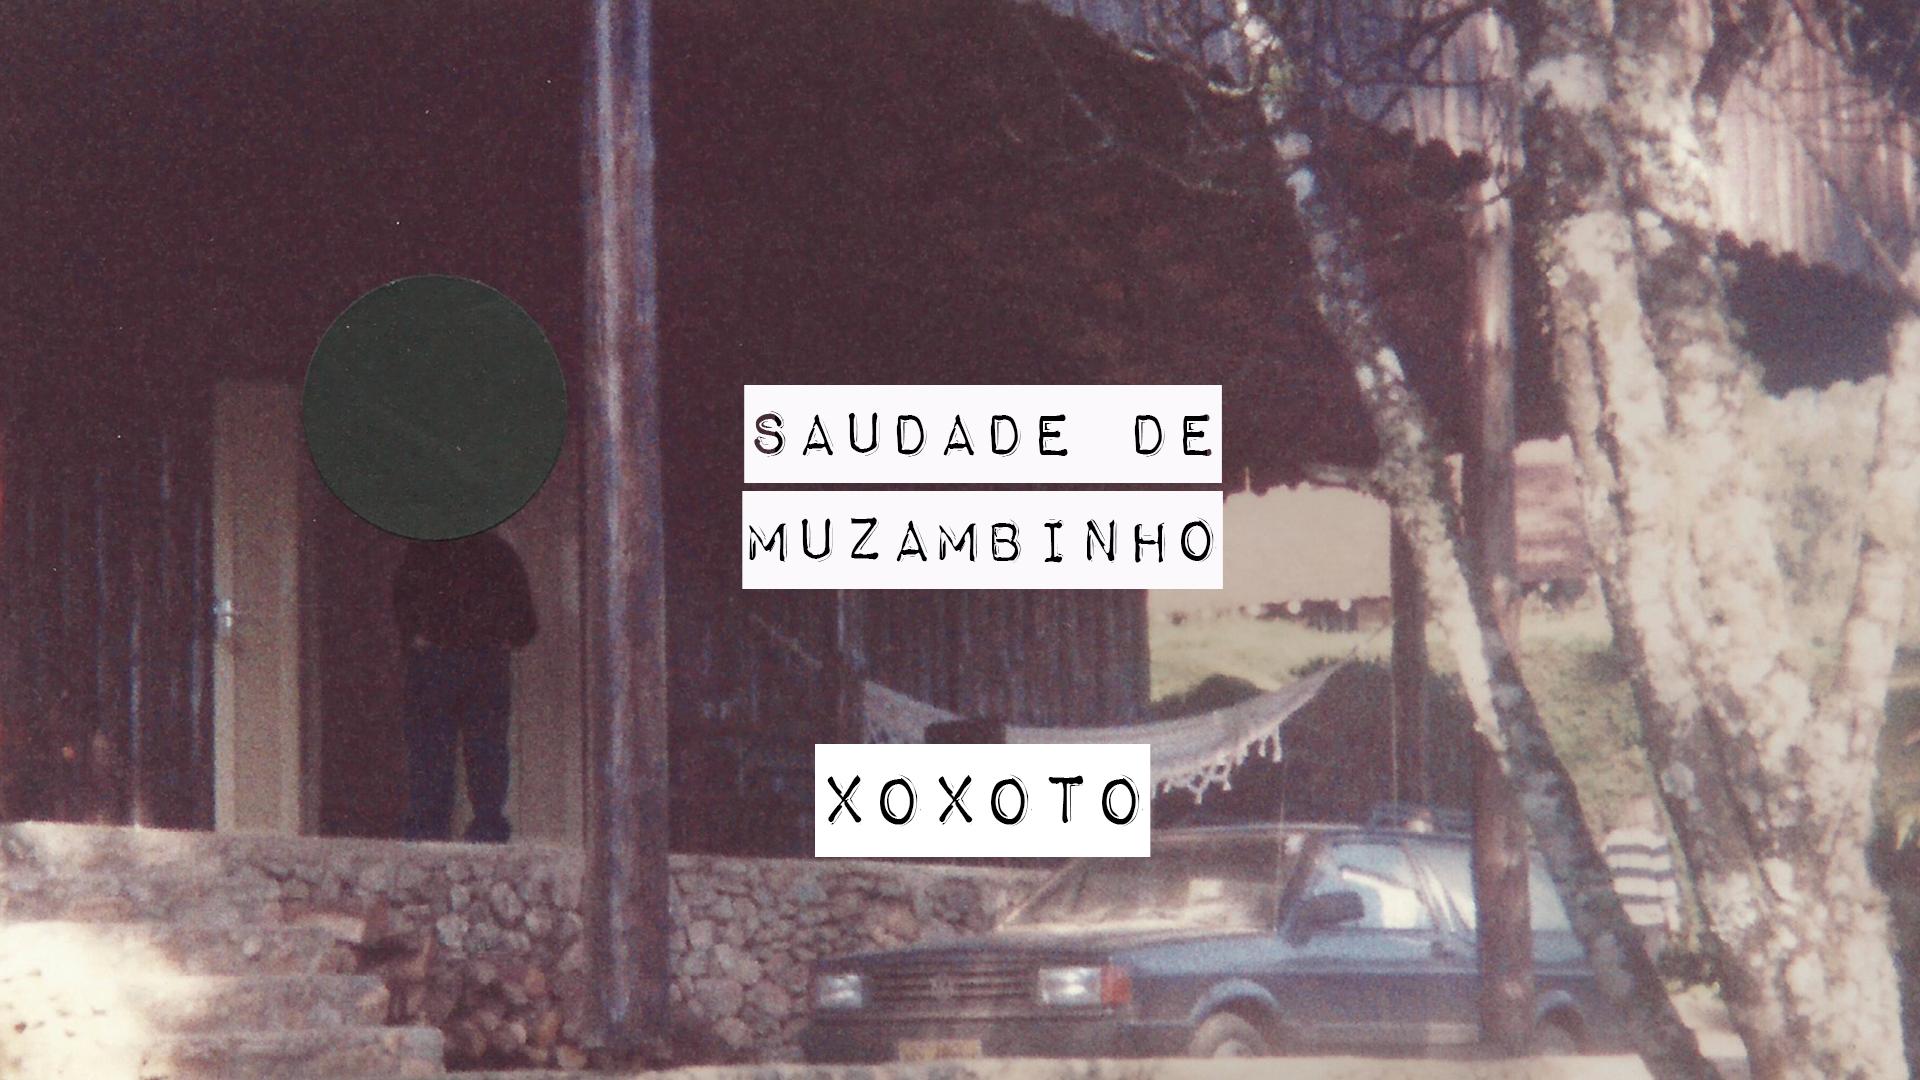 """Cavaca Records lança EP """"Saudade de Muzambinho"""" de xoxoto"""